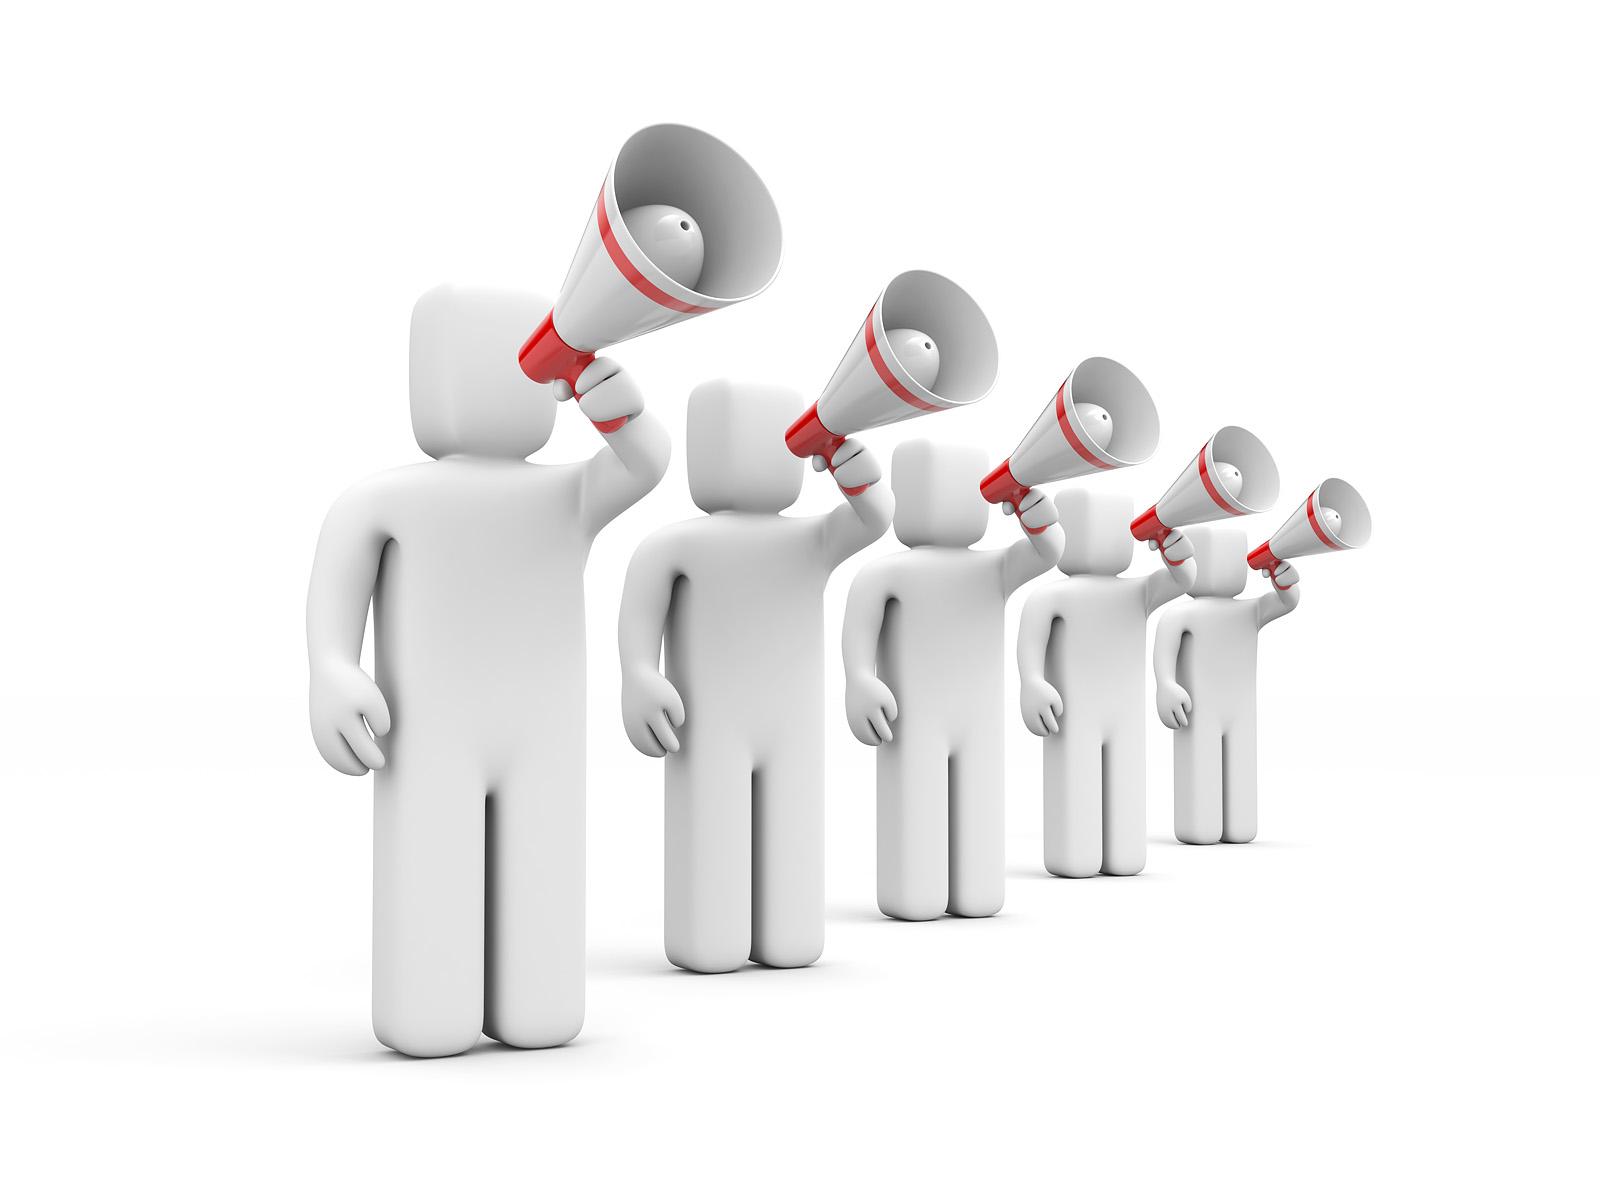 我的喜马拉雅电台,#免费分享联盟#的分享阵地